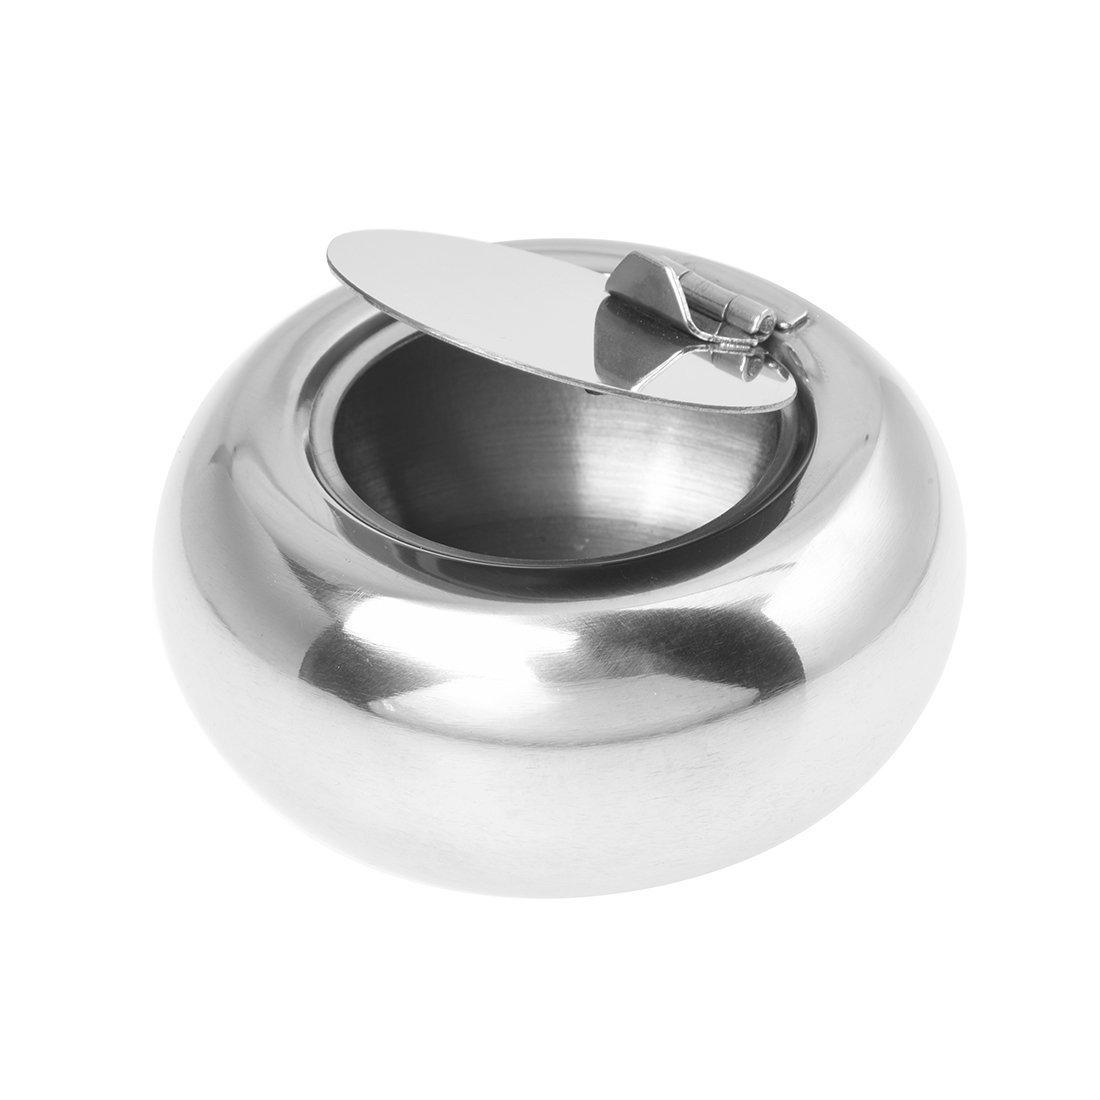 TOOGOO(R) Posacenere Forma Tamburo Decorazione Nuovo SPAGT45658